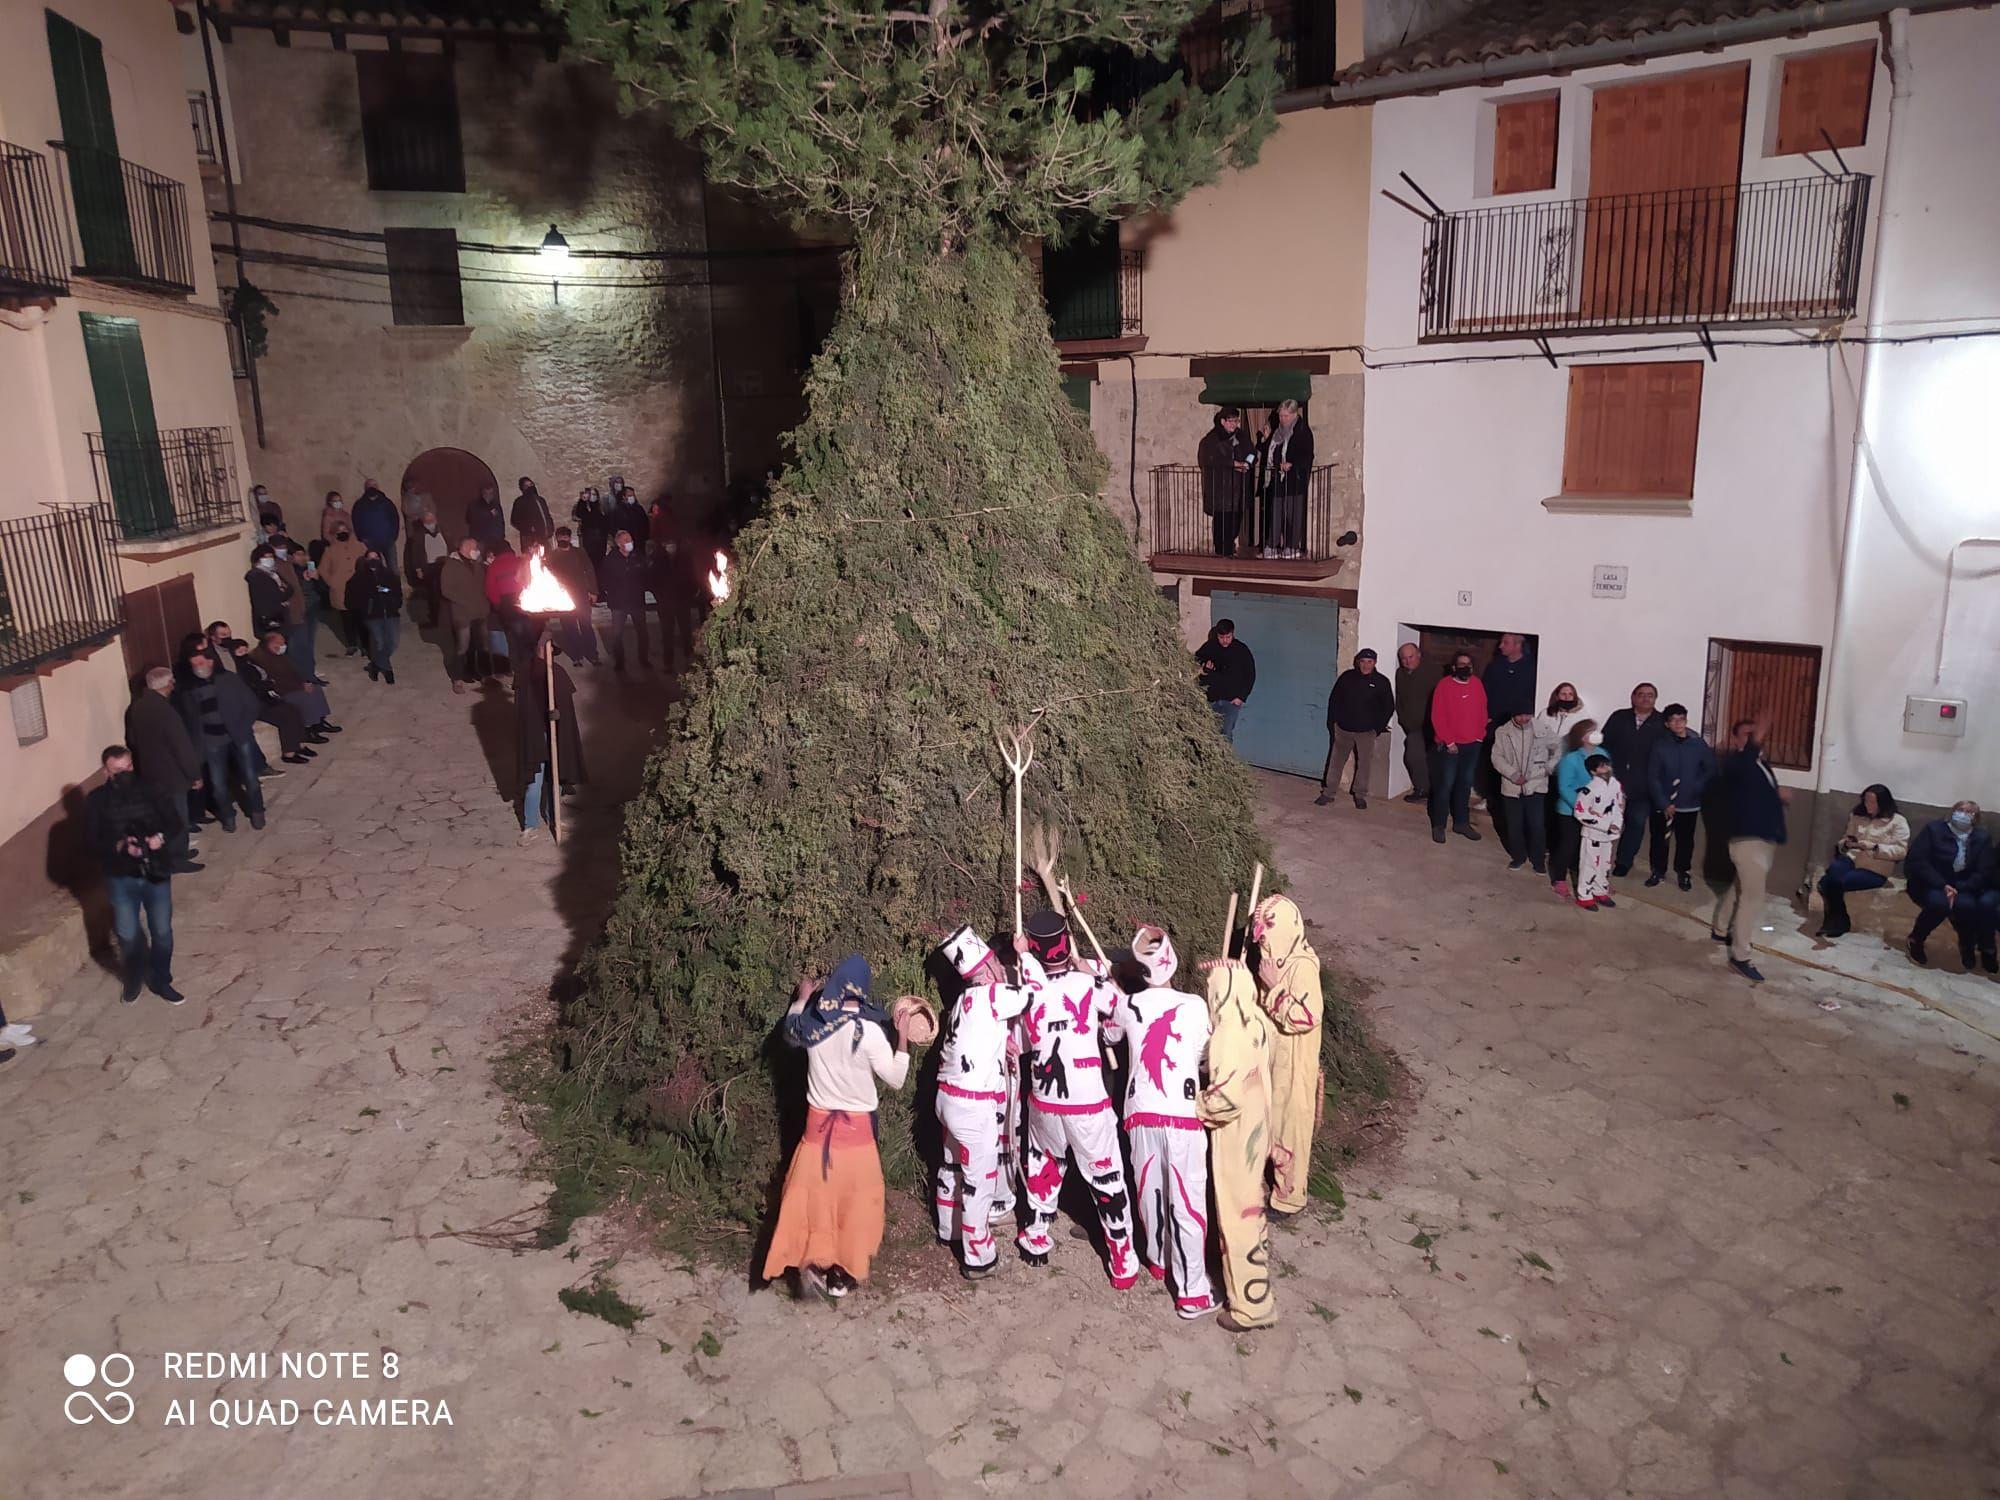 Las imágenes de la fiesta más rara de Sant Antoni en la Todolella, en octubre